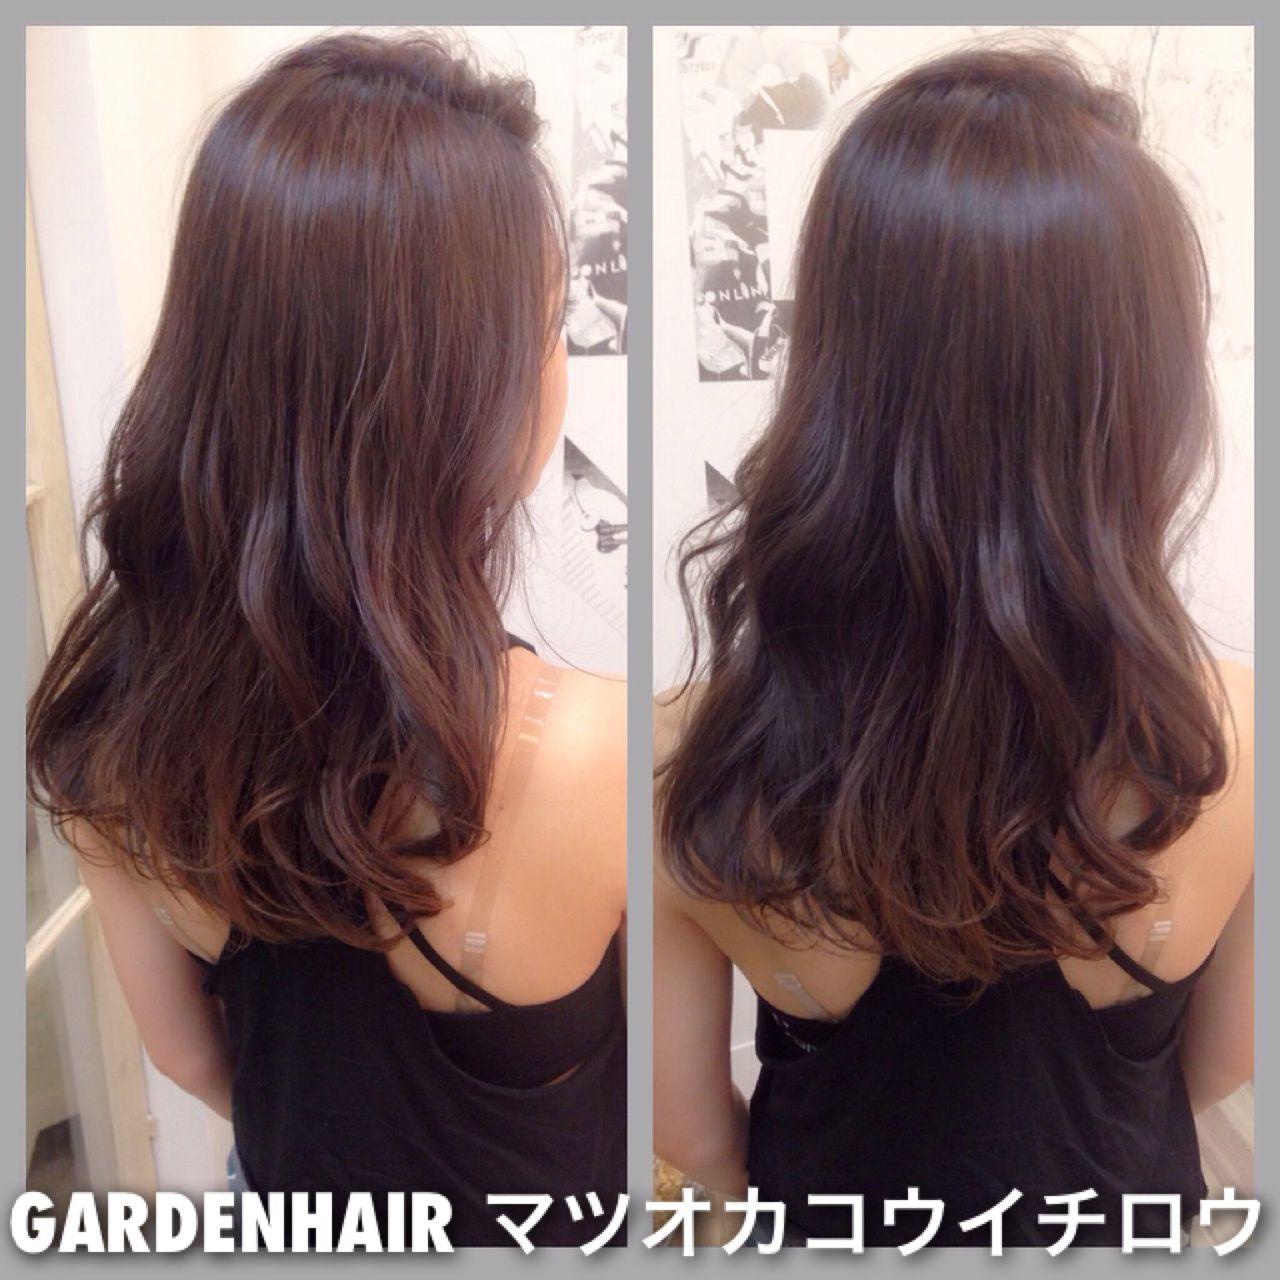 ロング ラベンダーアッシュ 外国人風カラー ラベンダー ヘアスタイルや髪型の写真・画像